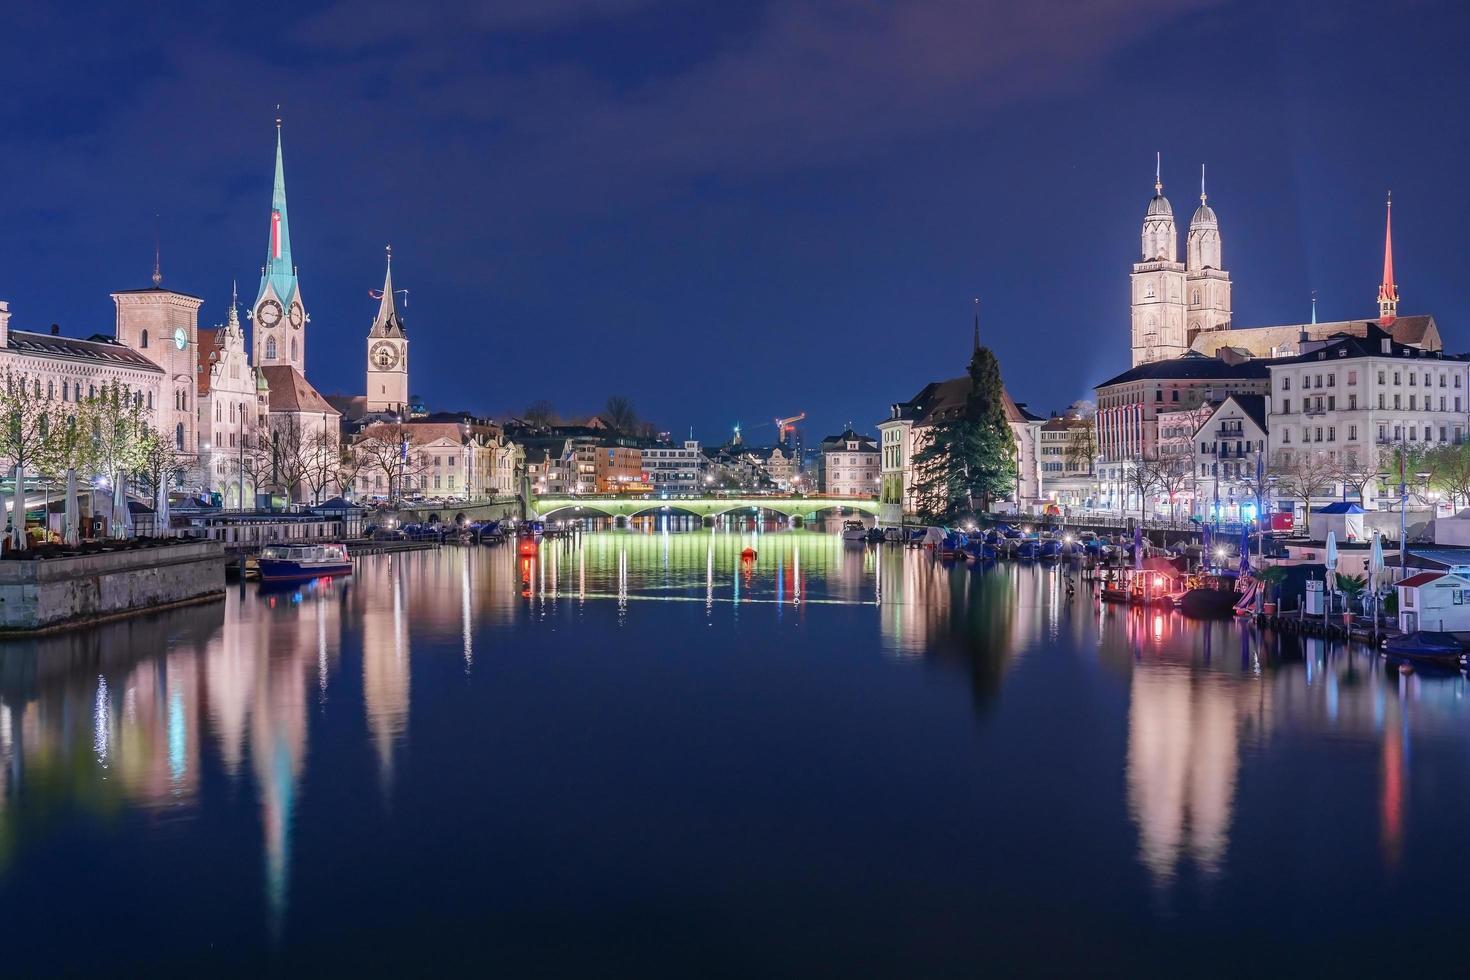 vista panorámica del centro histórico de la ciudad de zurich foto